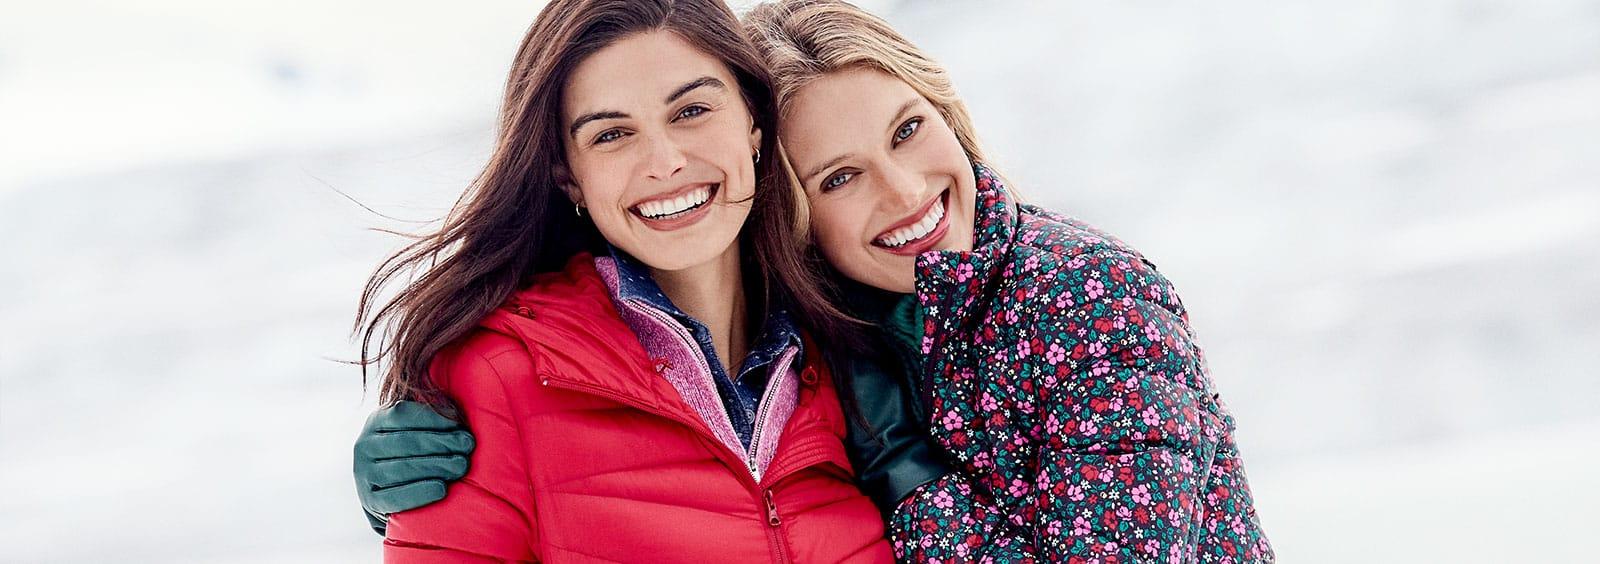 Women's Winter Coats: Guide to 2020 Fashion